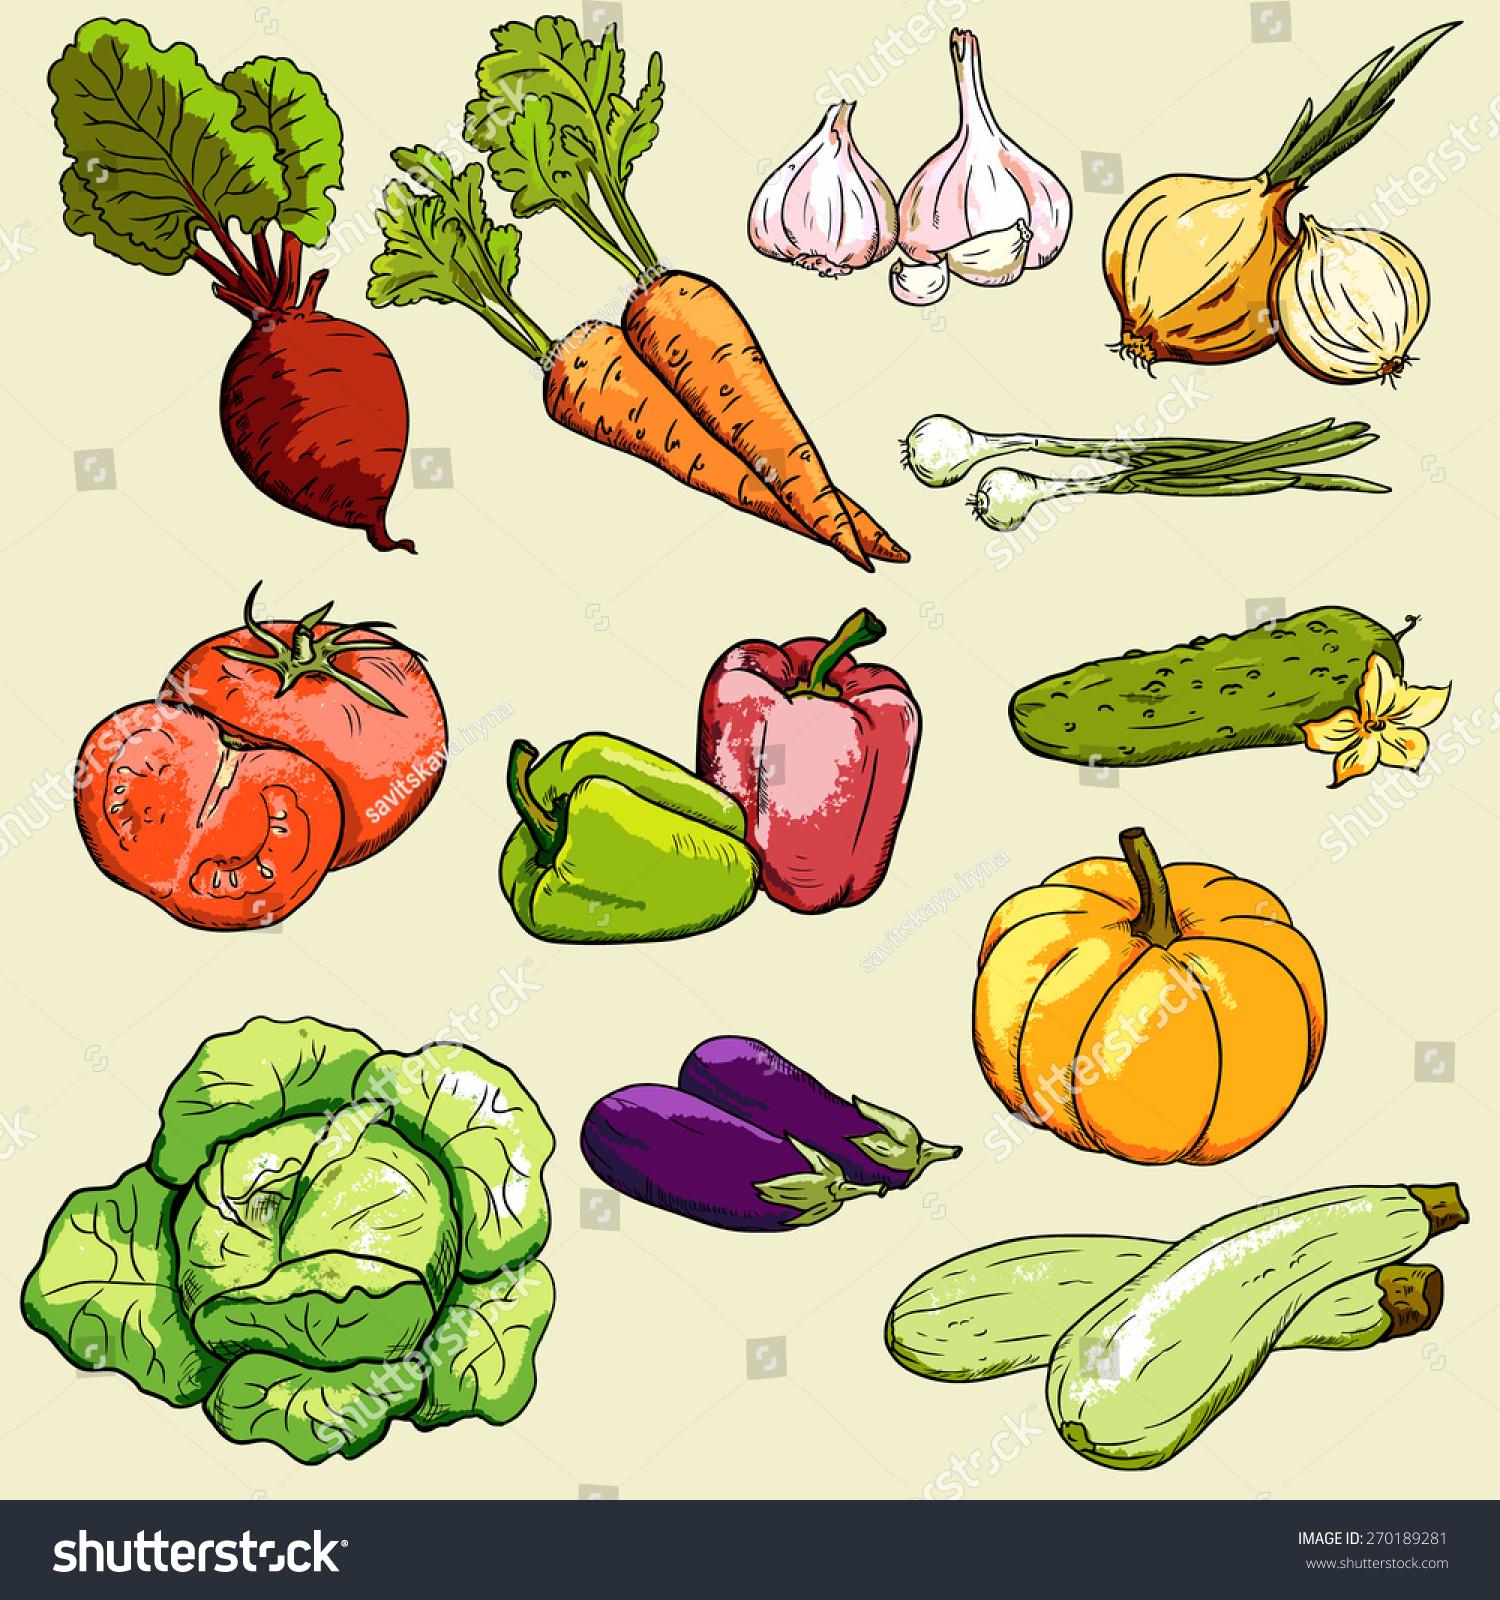 矢量采集蔬菜/蔬菜的颜色-食品及饮料,物体-海洛创意